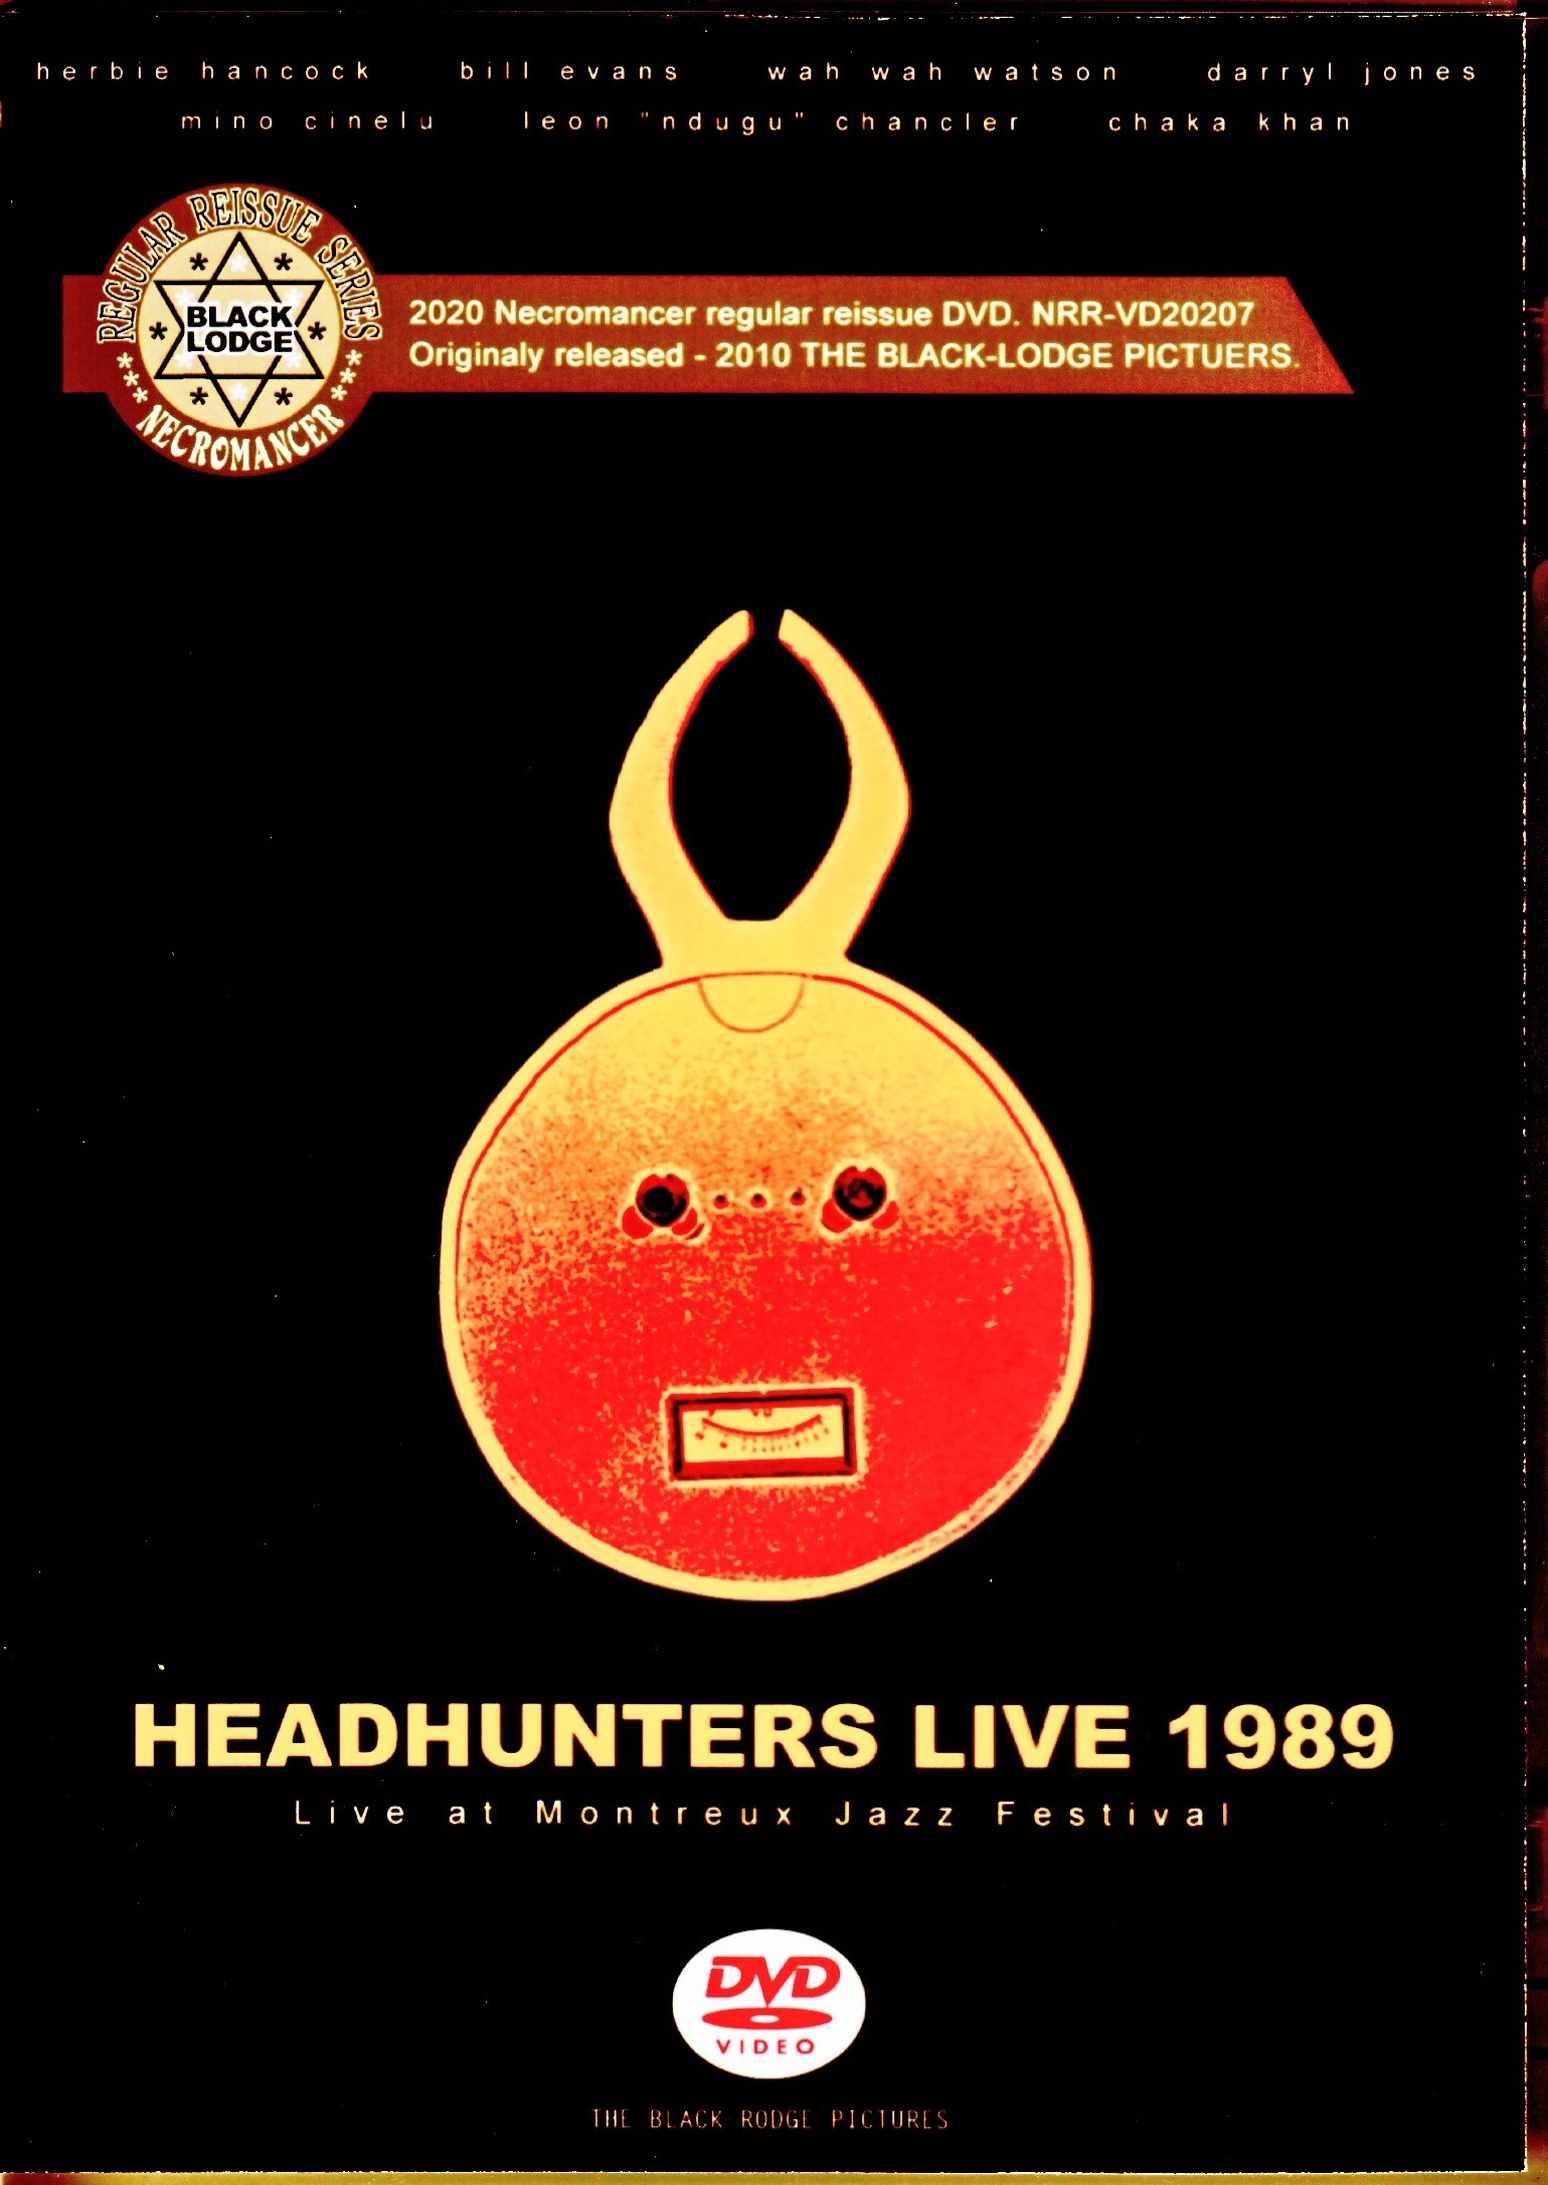 Headhunters Herbie Hancock,Bill Evans,Chaka Khan ヘッドハンターズ/Switzerland 1989